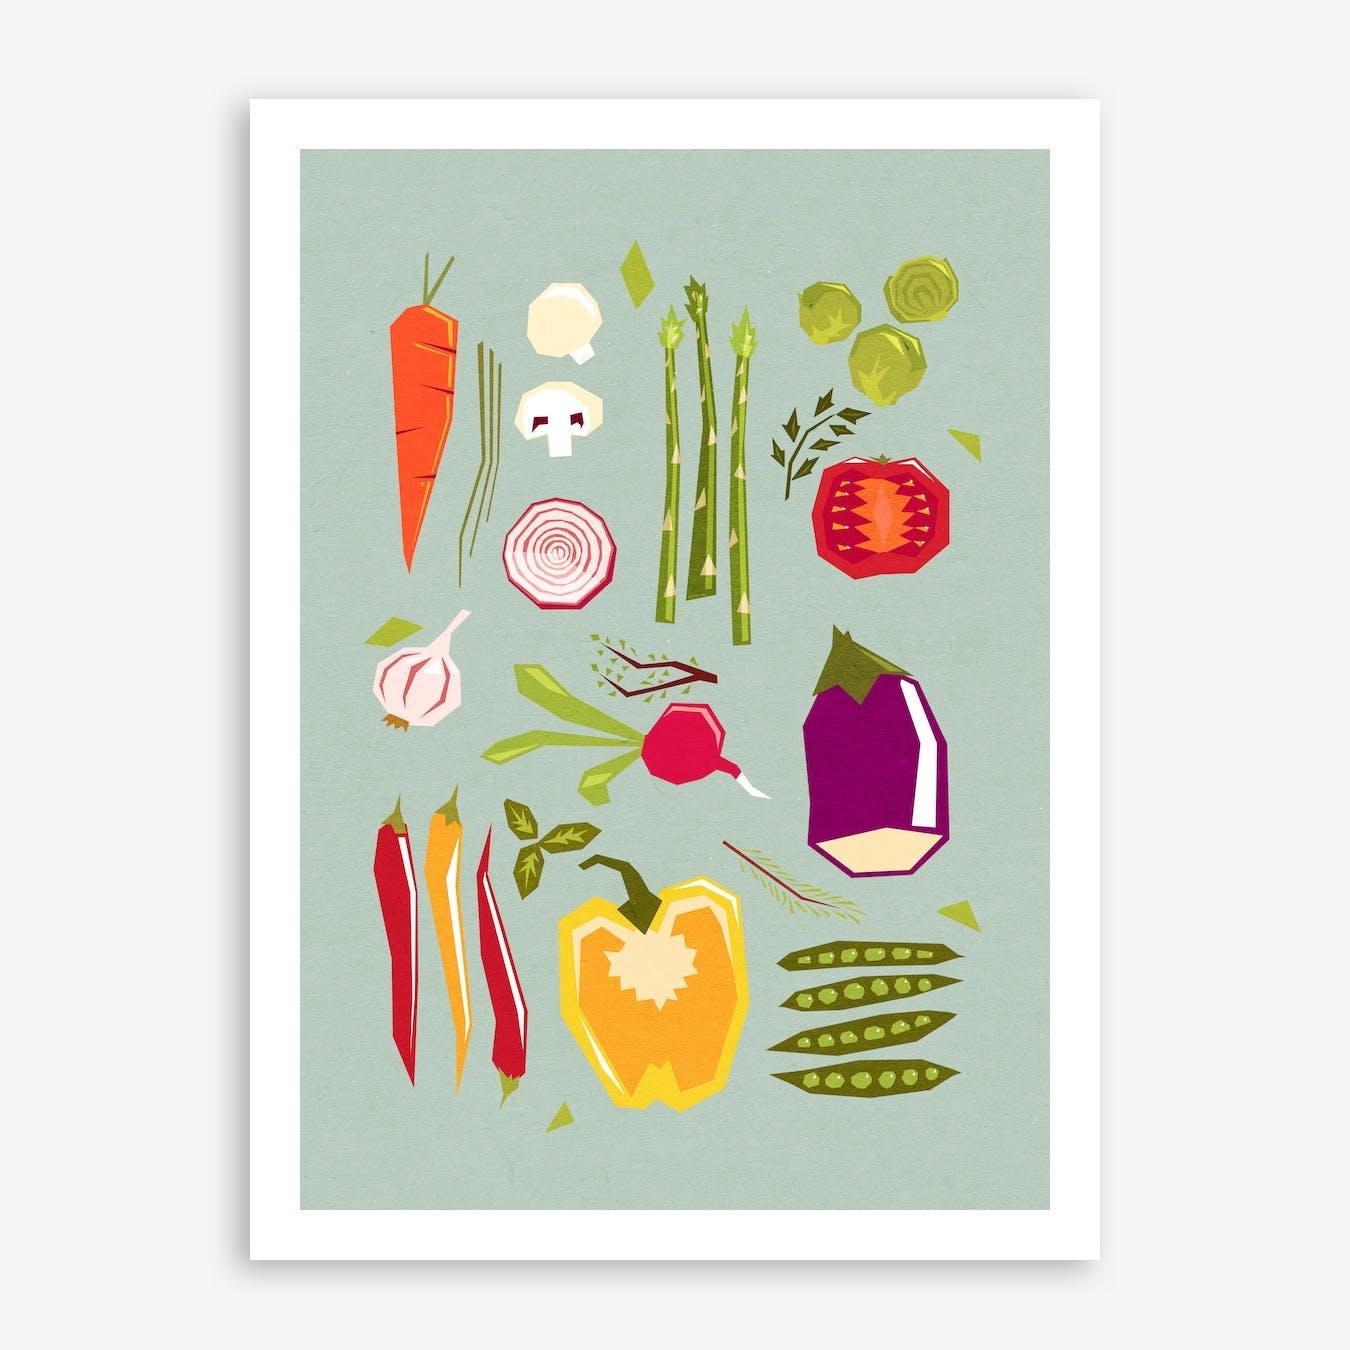 My Favorite Veggies Print